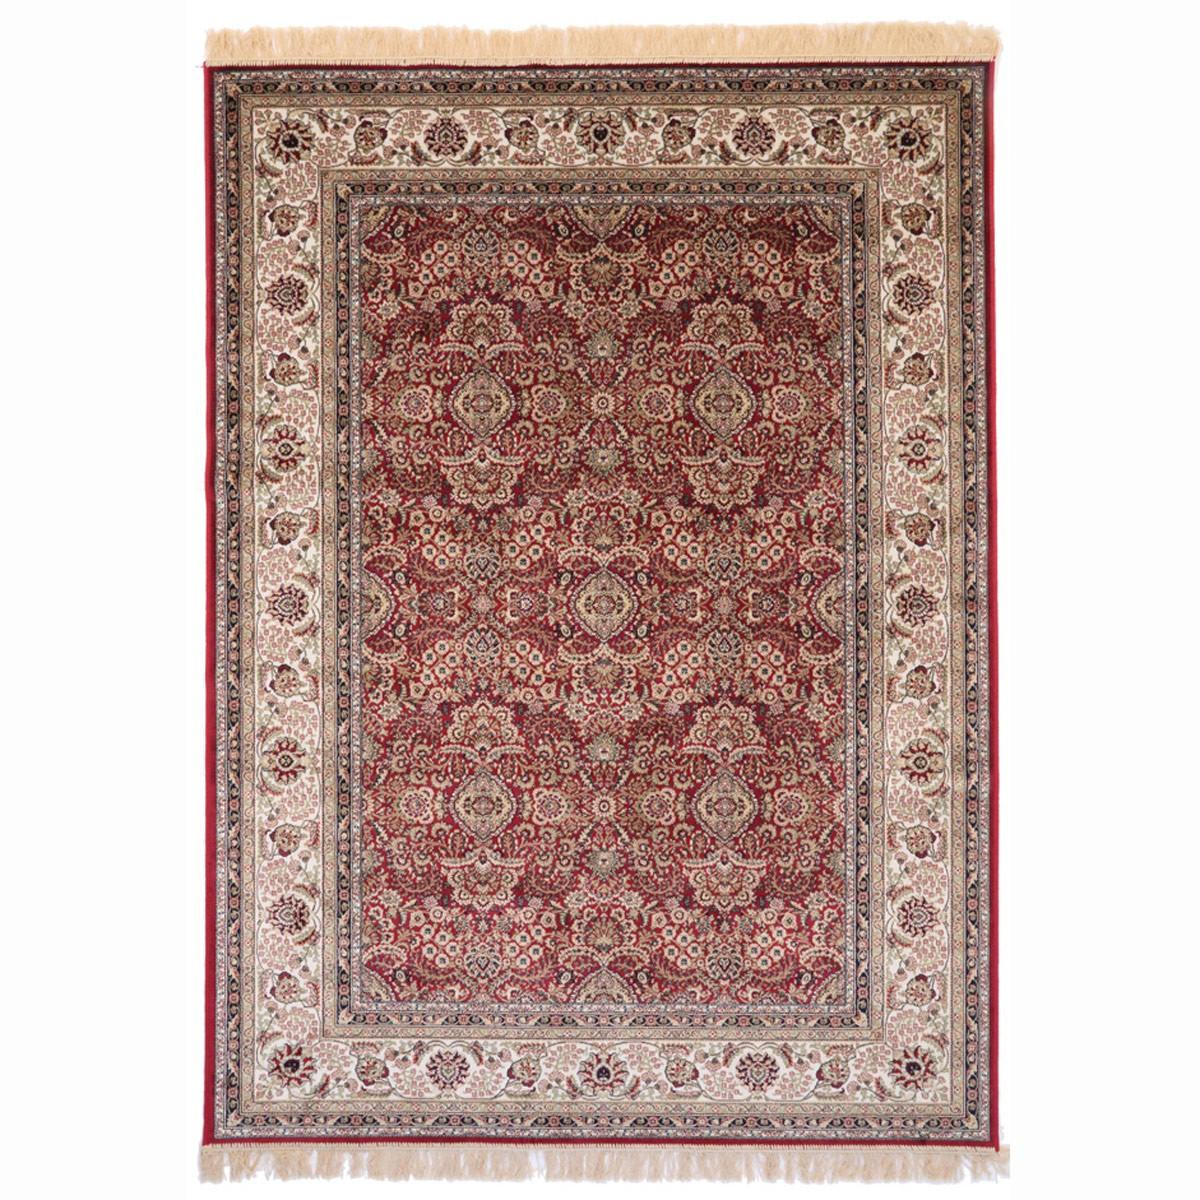 Χαλιά Κρεβατοκάμαρας (Σετ 3τμχ) Royal Carpets Rubine 476 Red